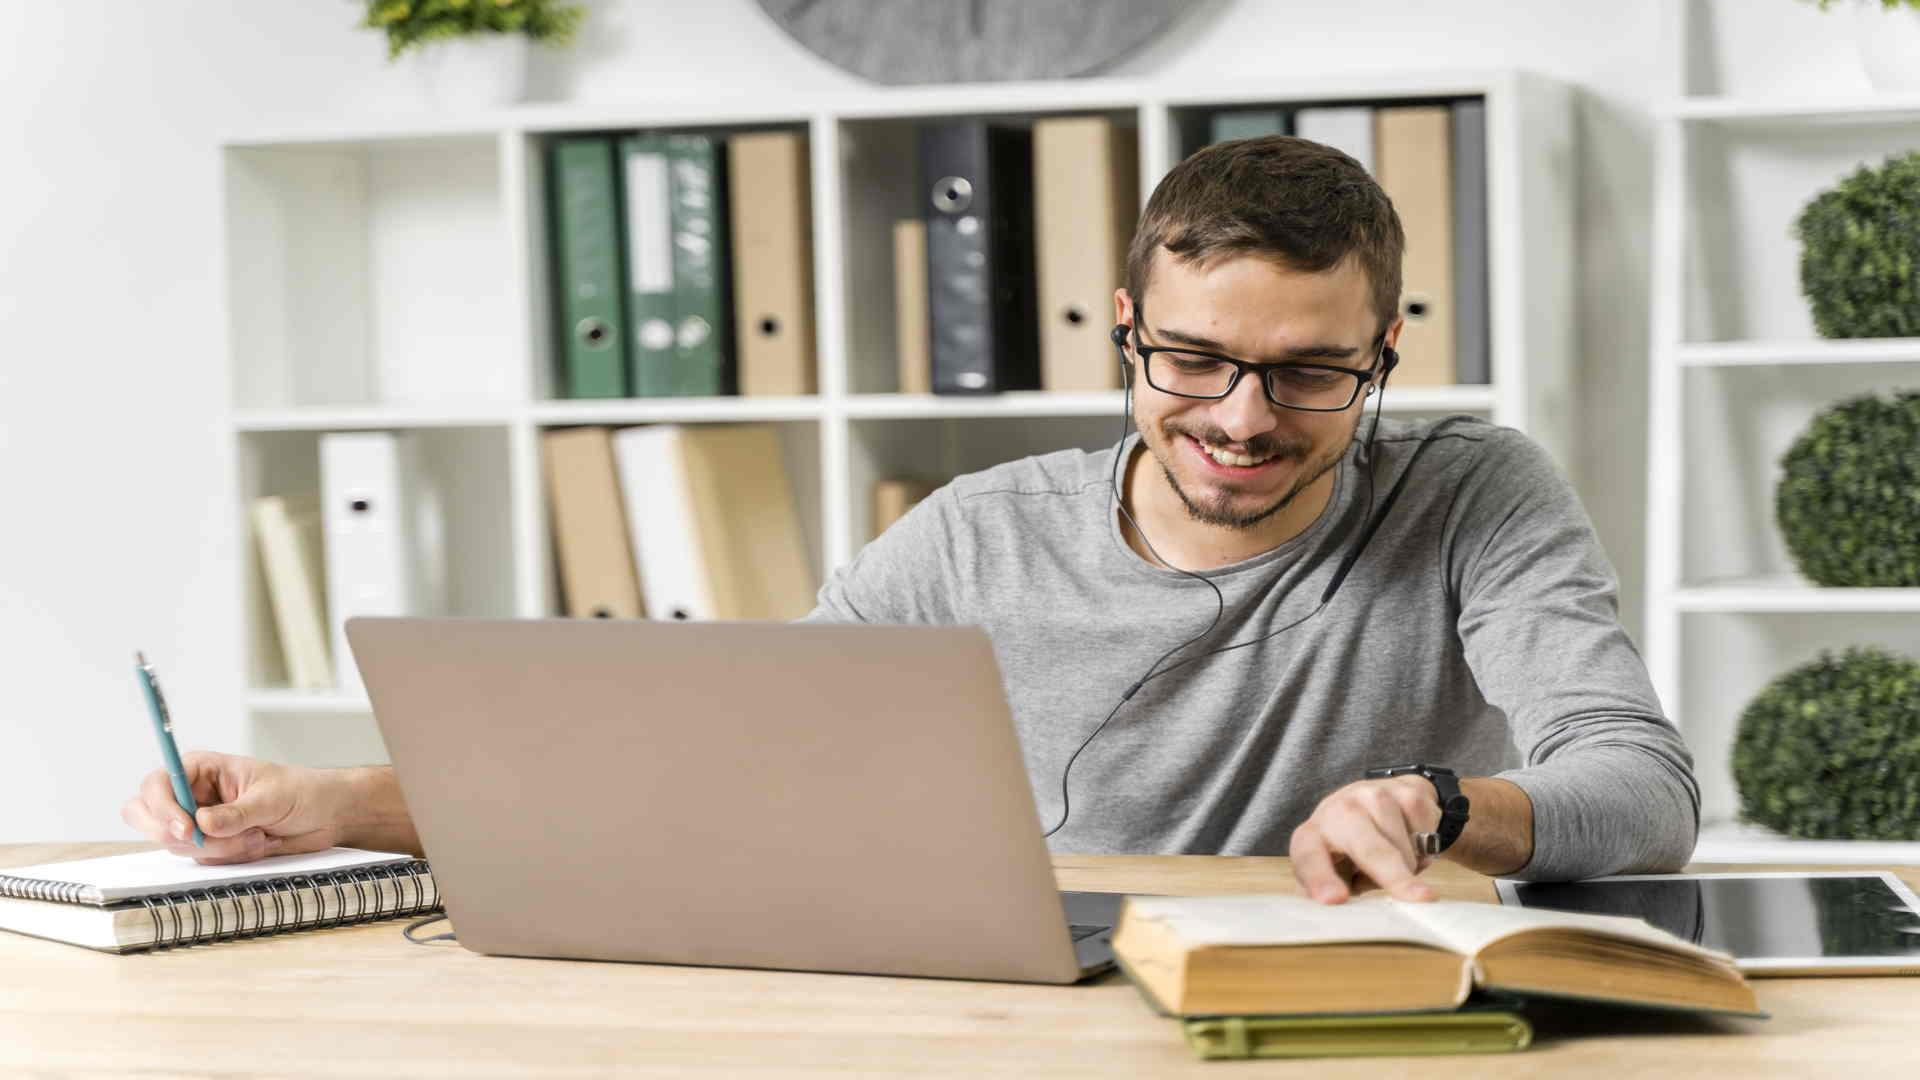 עבודות דוקטורט במה הן שונות מעבודות רגילות